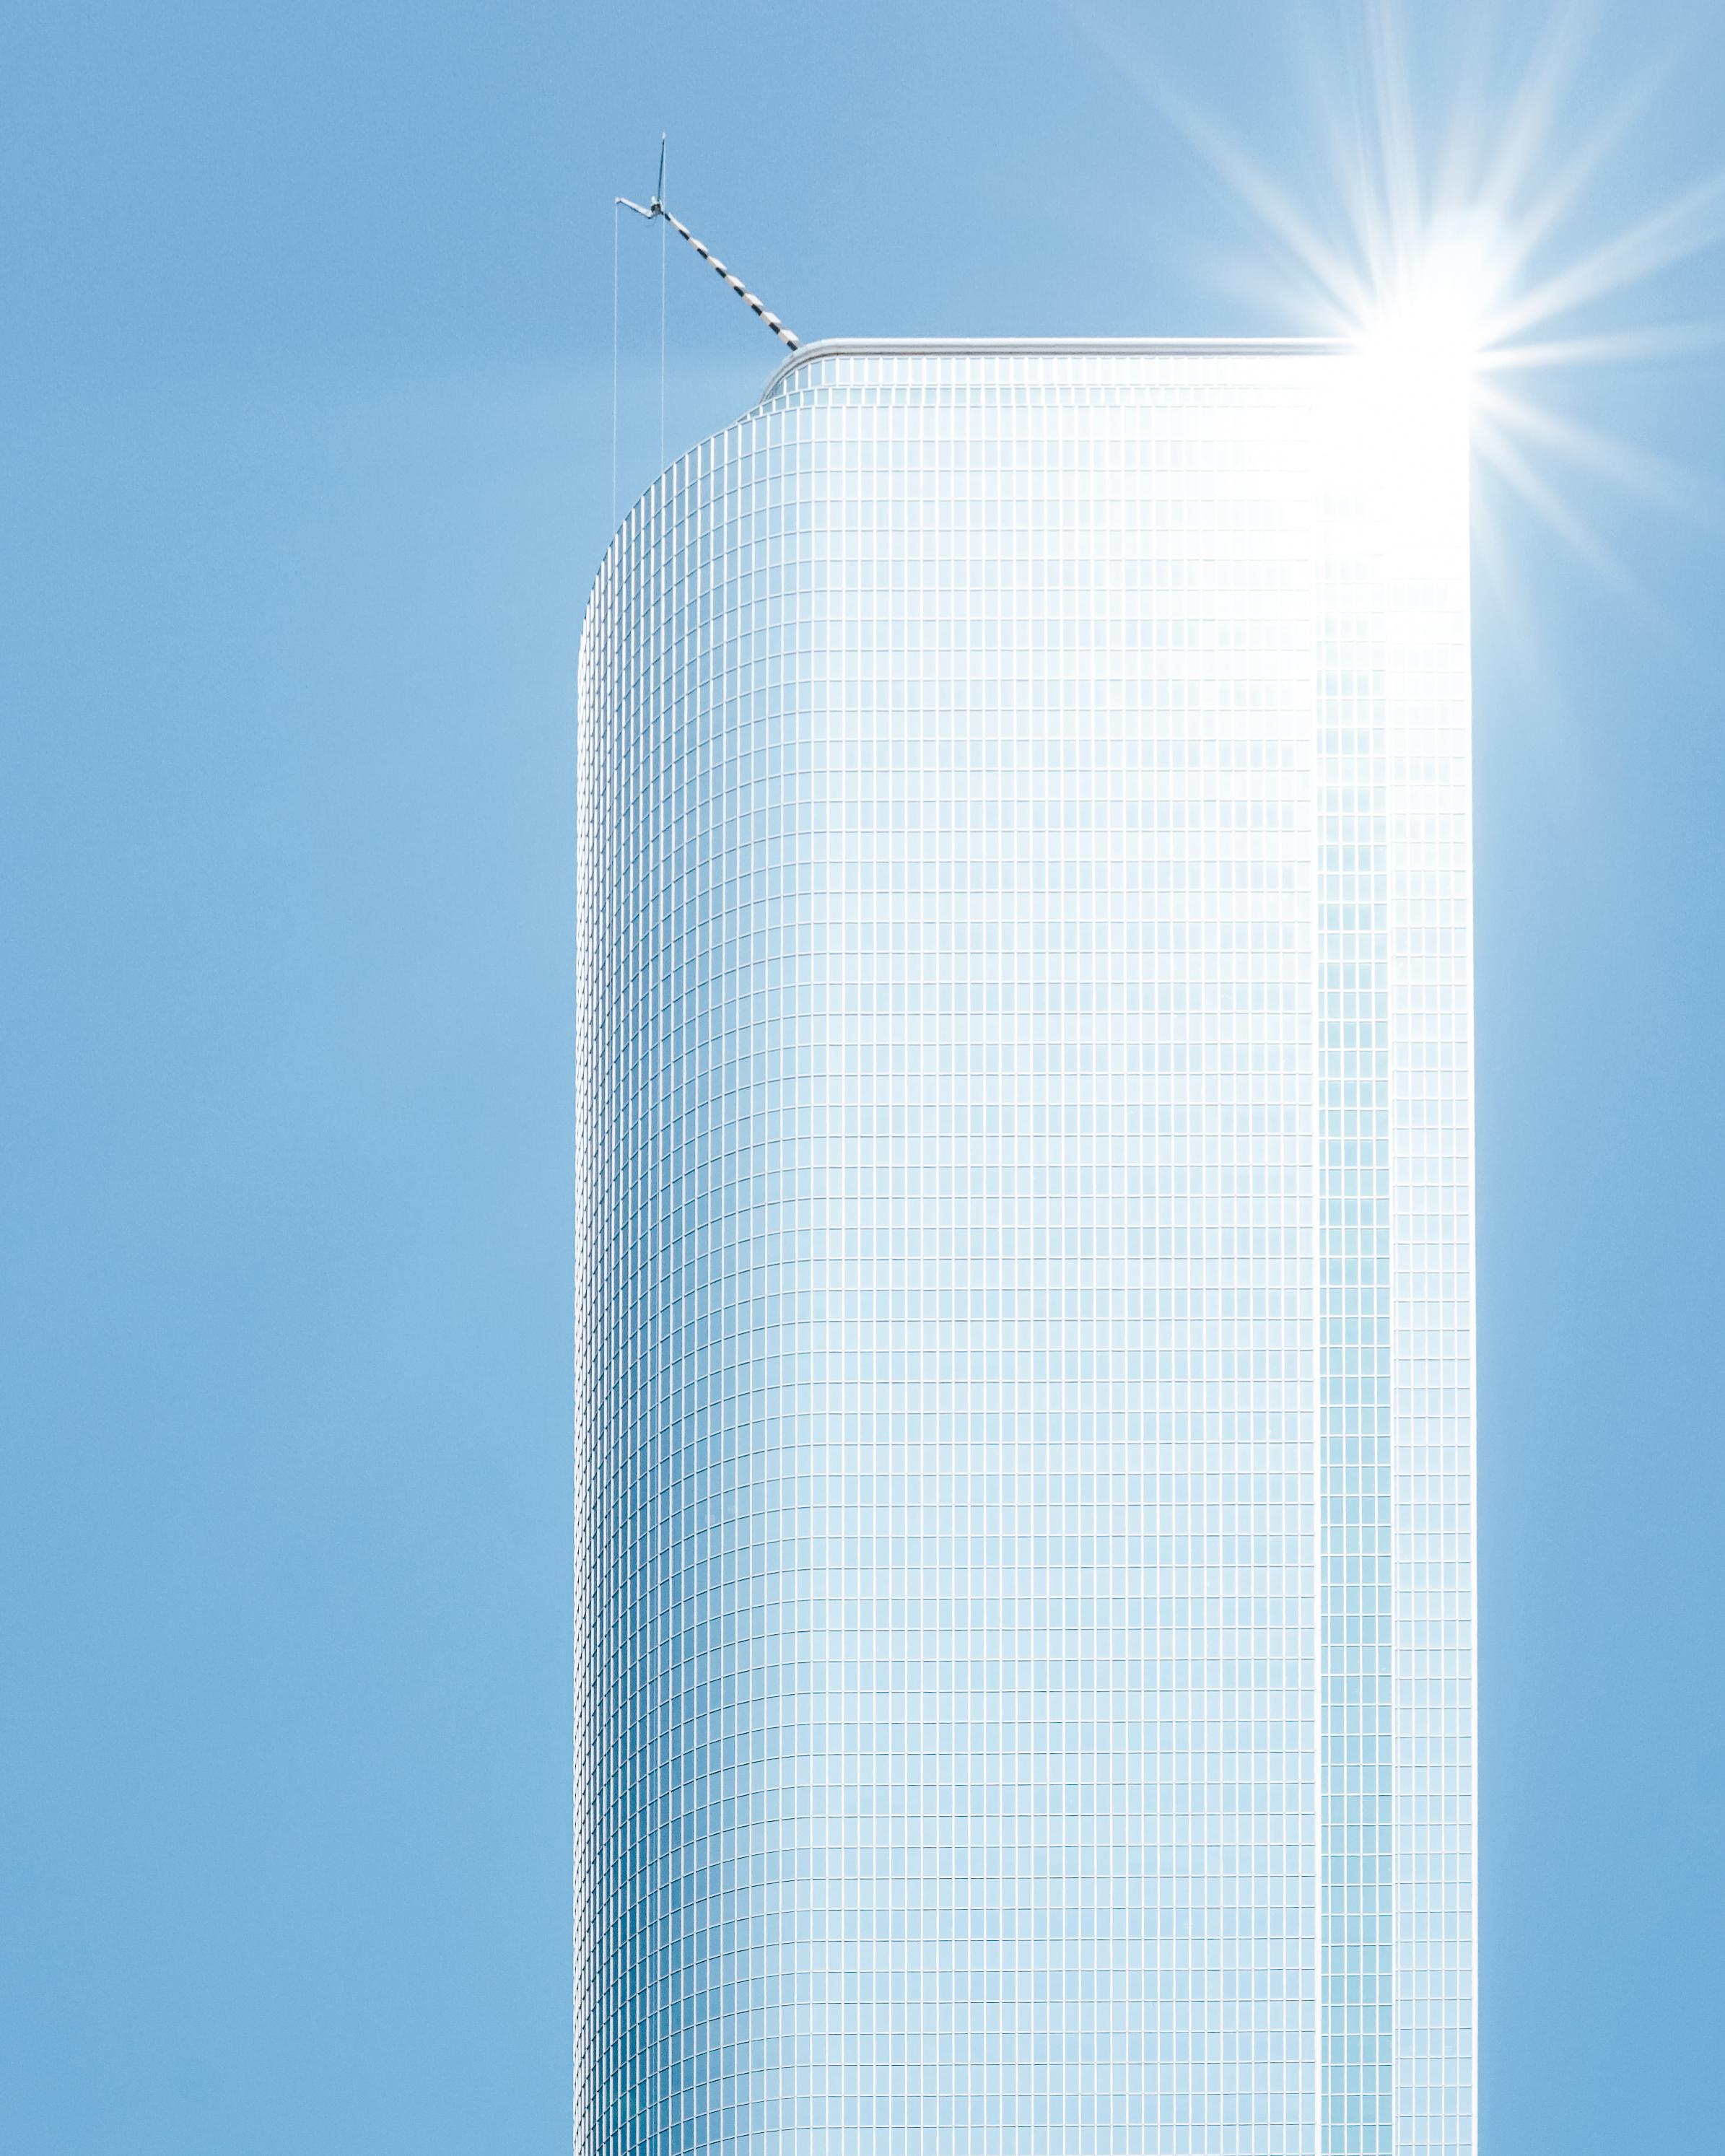 gleißend-Sonne-Spiegelung-blinding-hell-klar